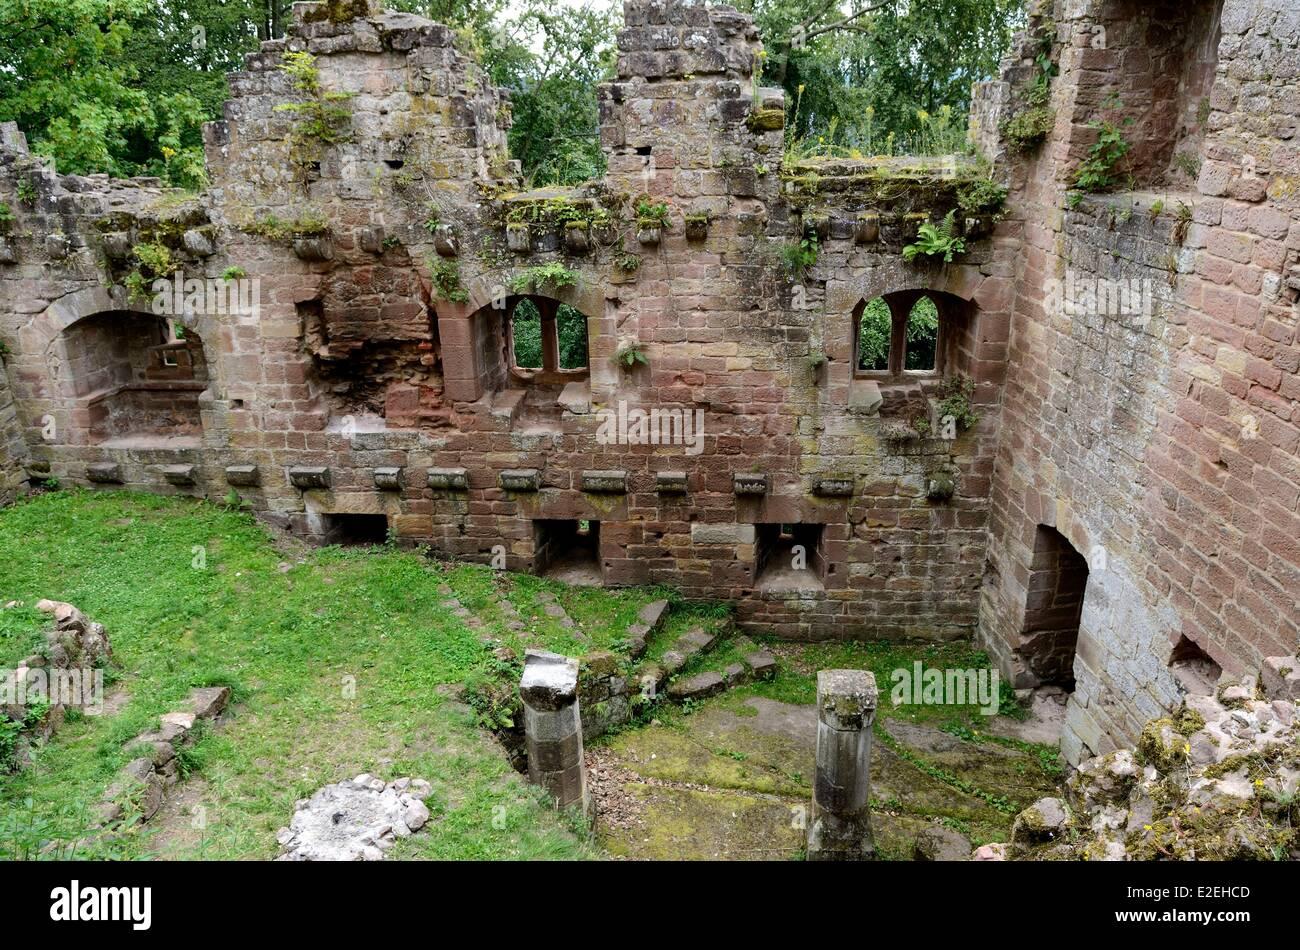 France bas rhin niederbronn les bains chateau du vieux for Les bains en france